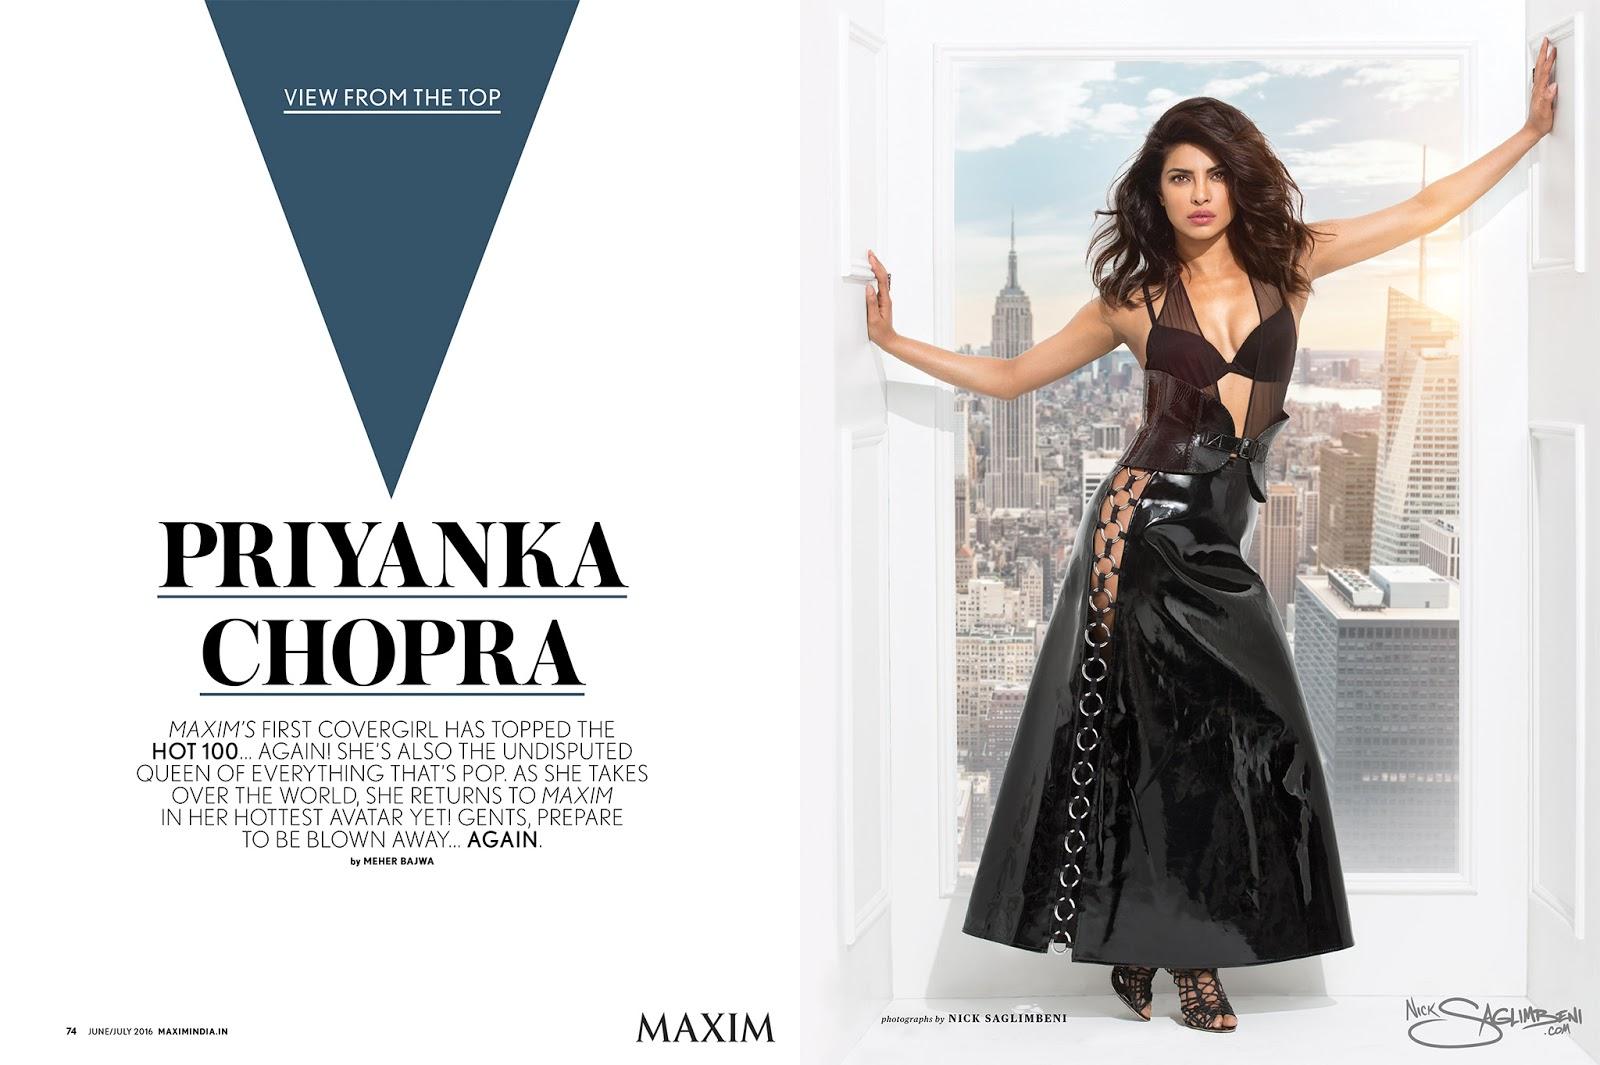 priyanka chopra maxim - photo #23